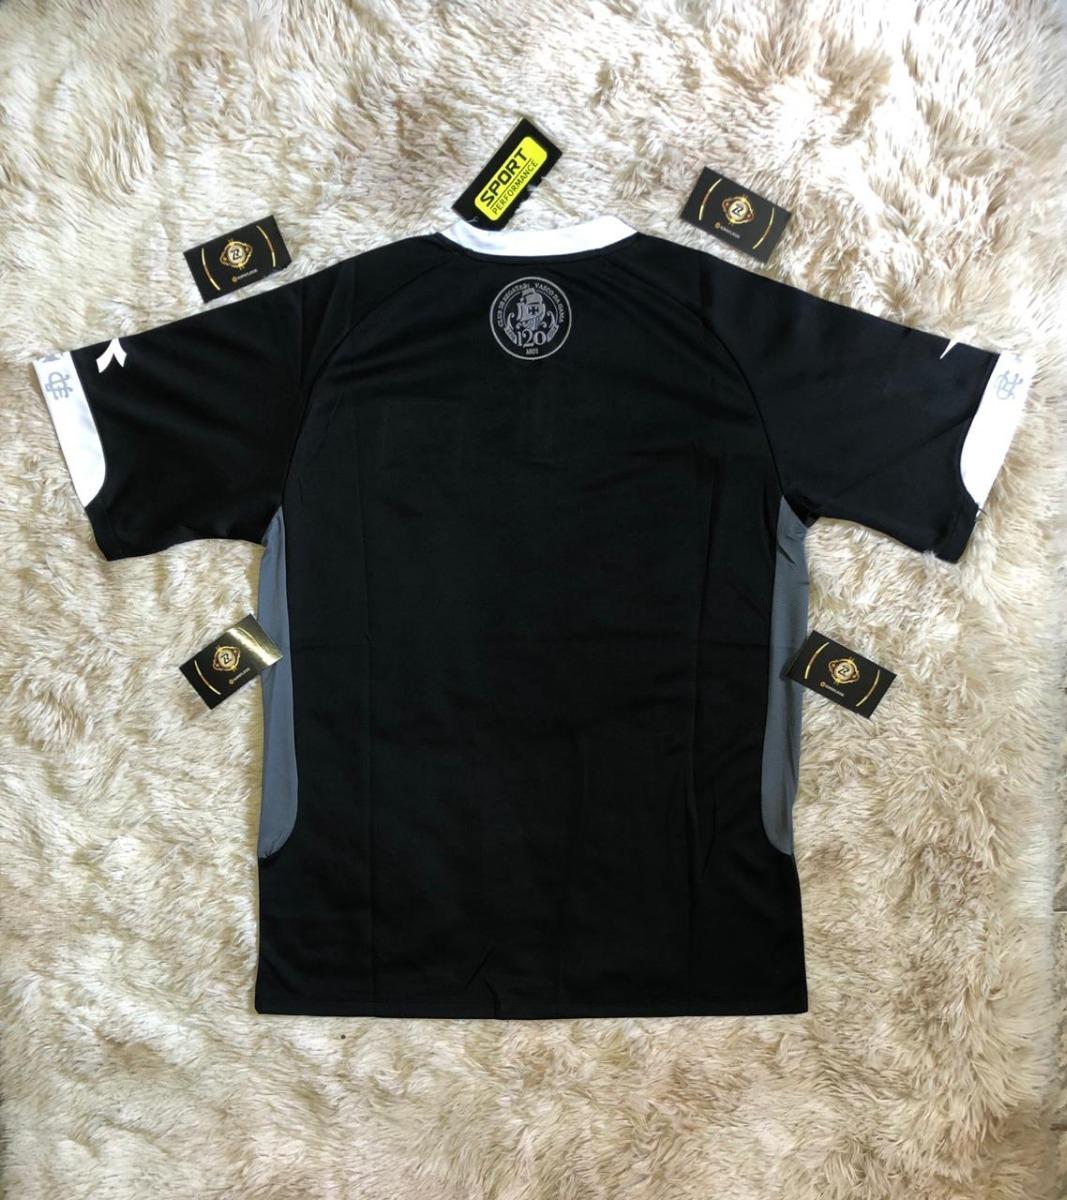 bd17fc628a475 camiseta oficial vasco da gama nova 2019. Carregando zoom.